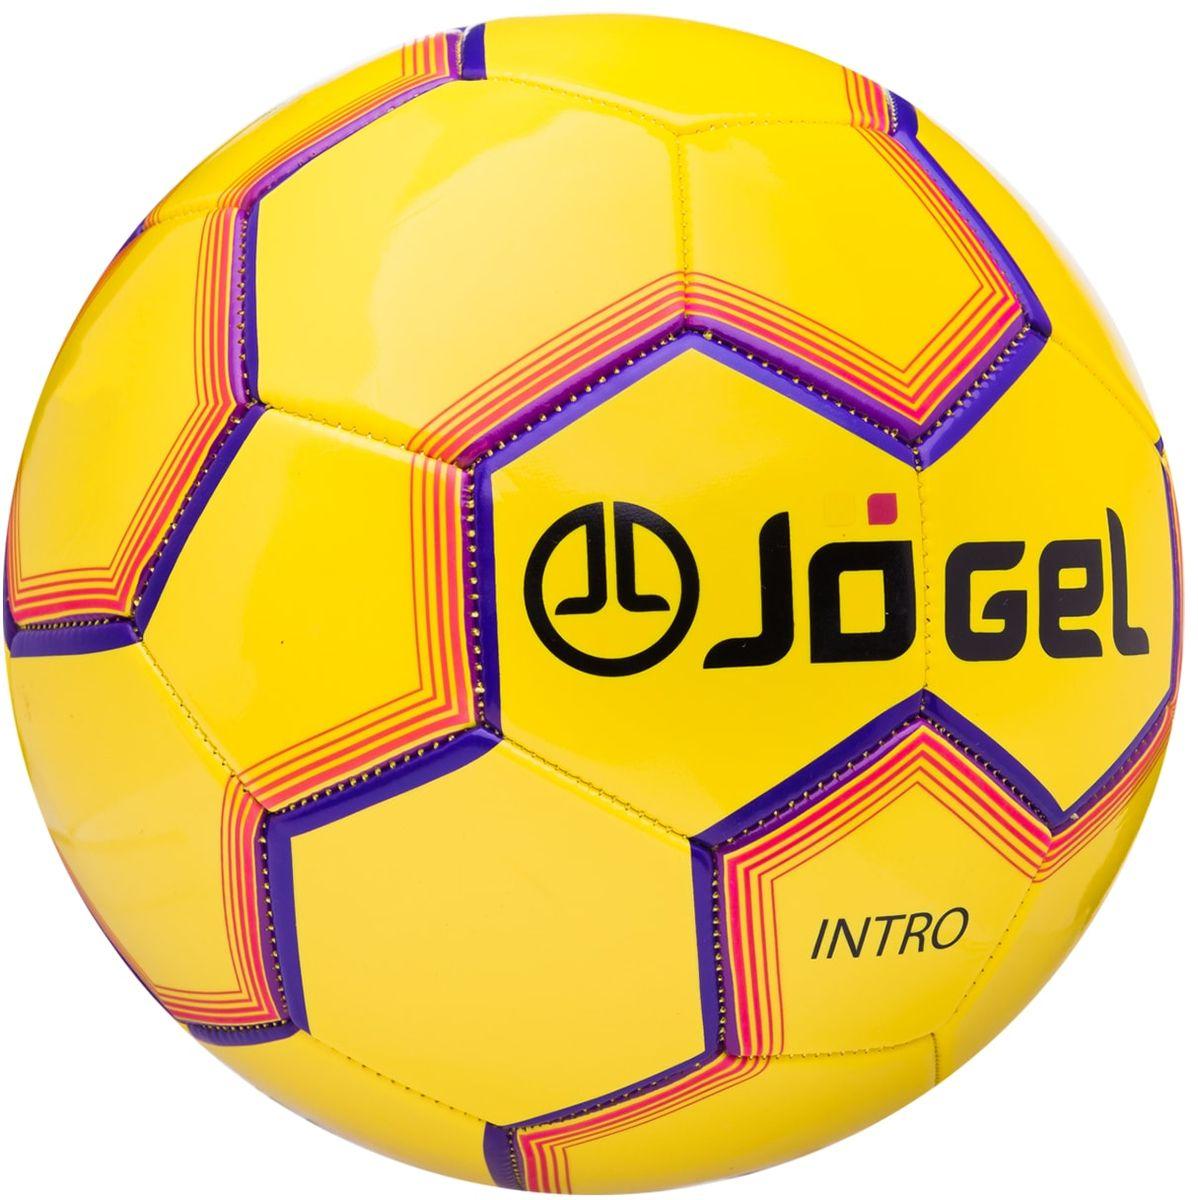 """Мяч футбольный Jogel """"Intro"""", цвет: желтый. Размер 5. JS-100"""